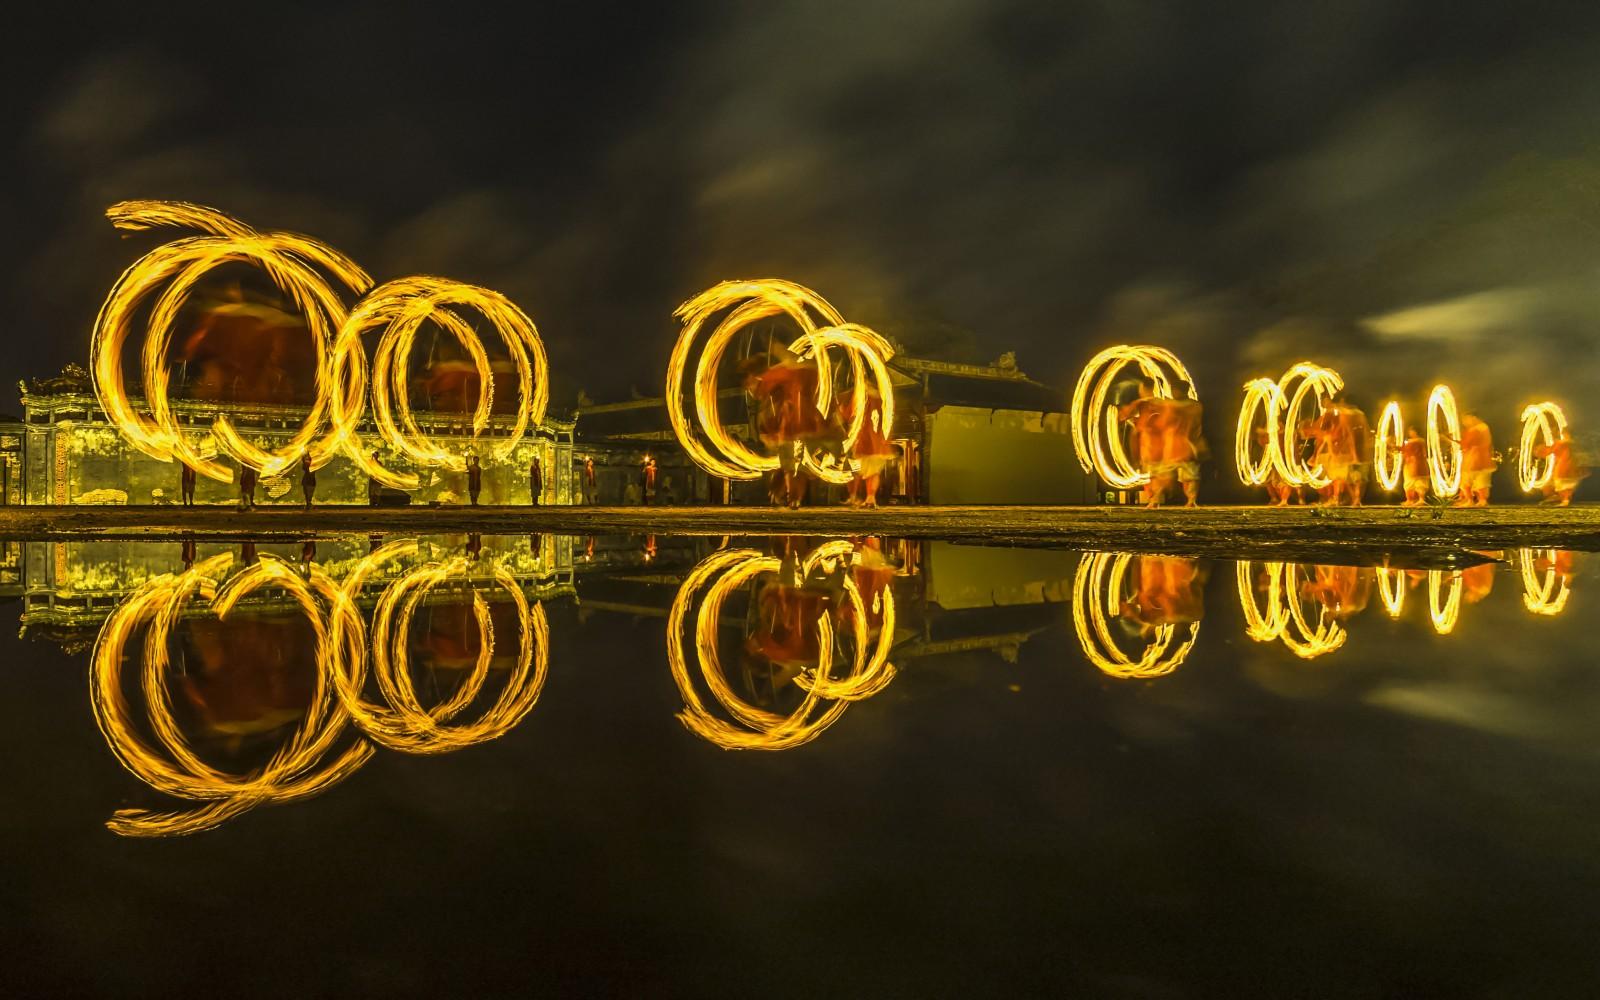 Tái hiện lại cảnh Vệ Binh luyện võ trong đêm, phản bóng từ những vũng nước khi trời mưa 